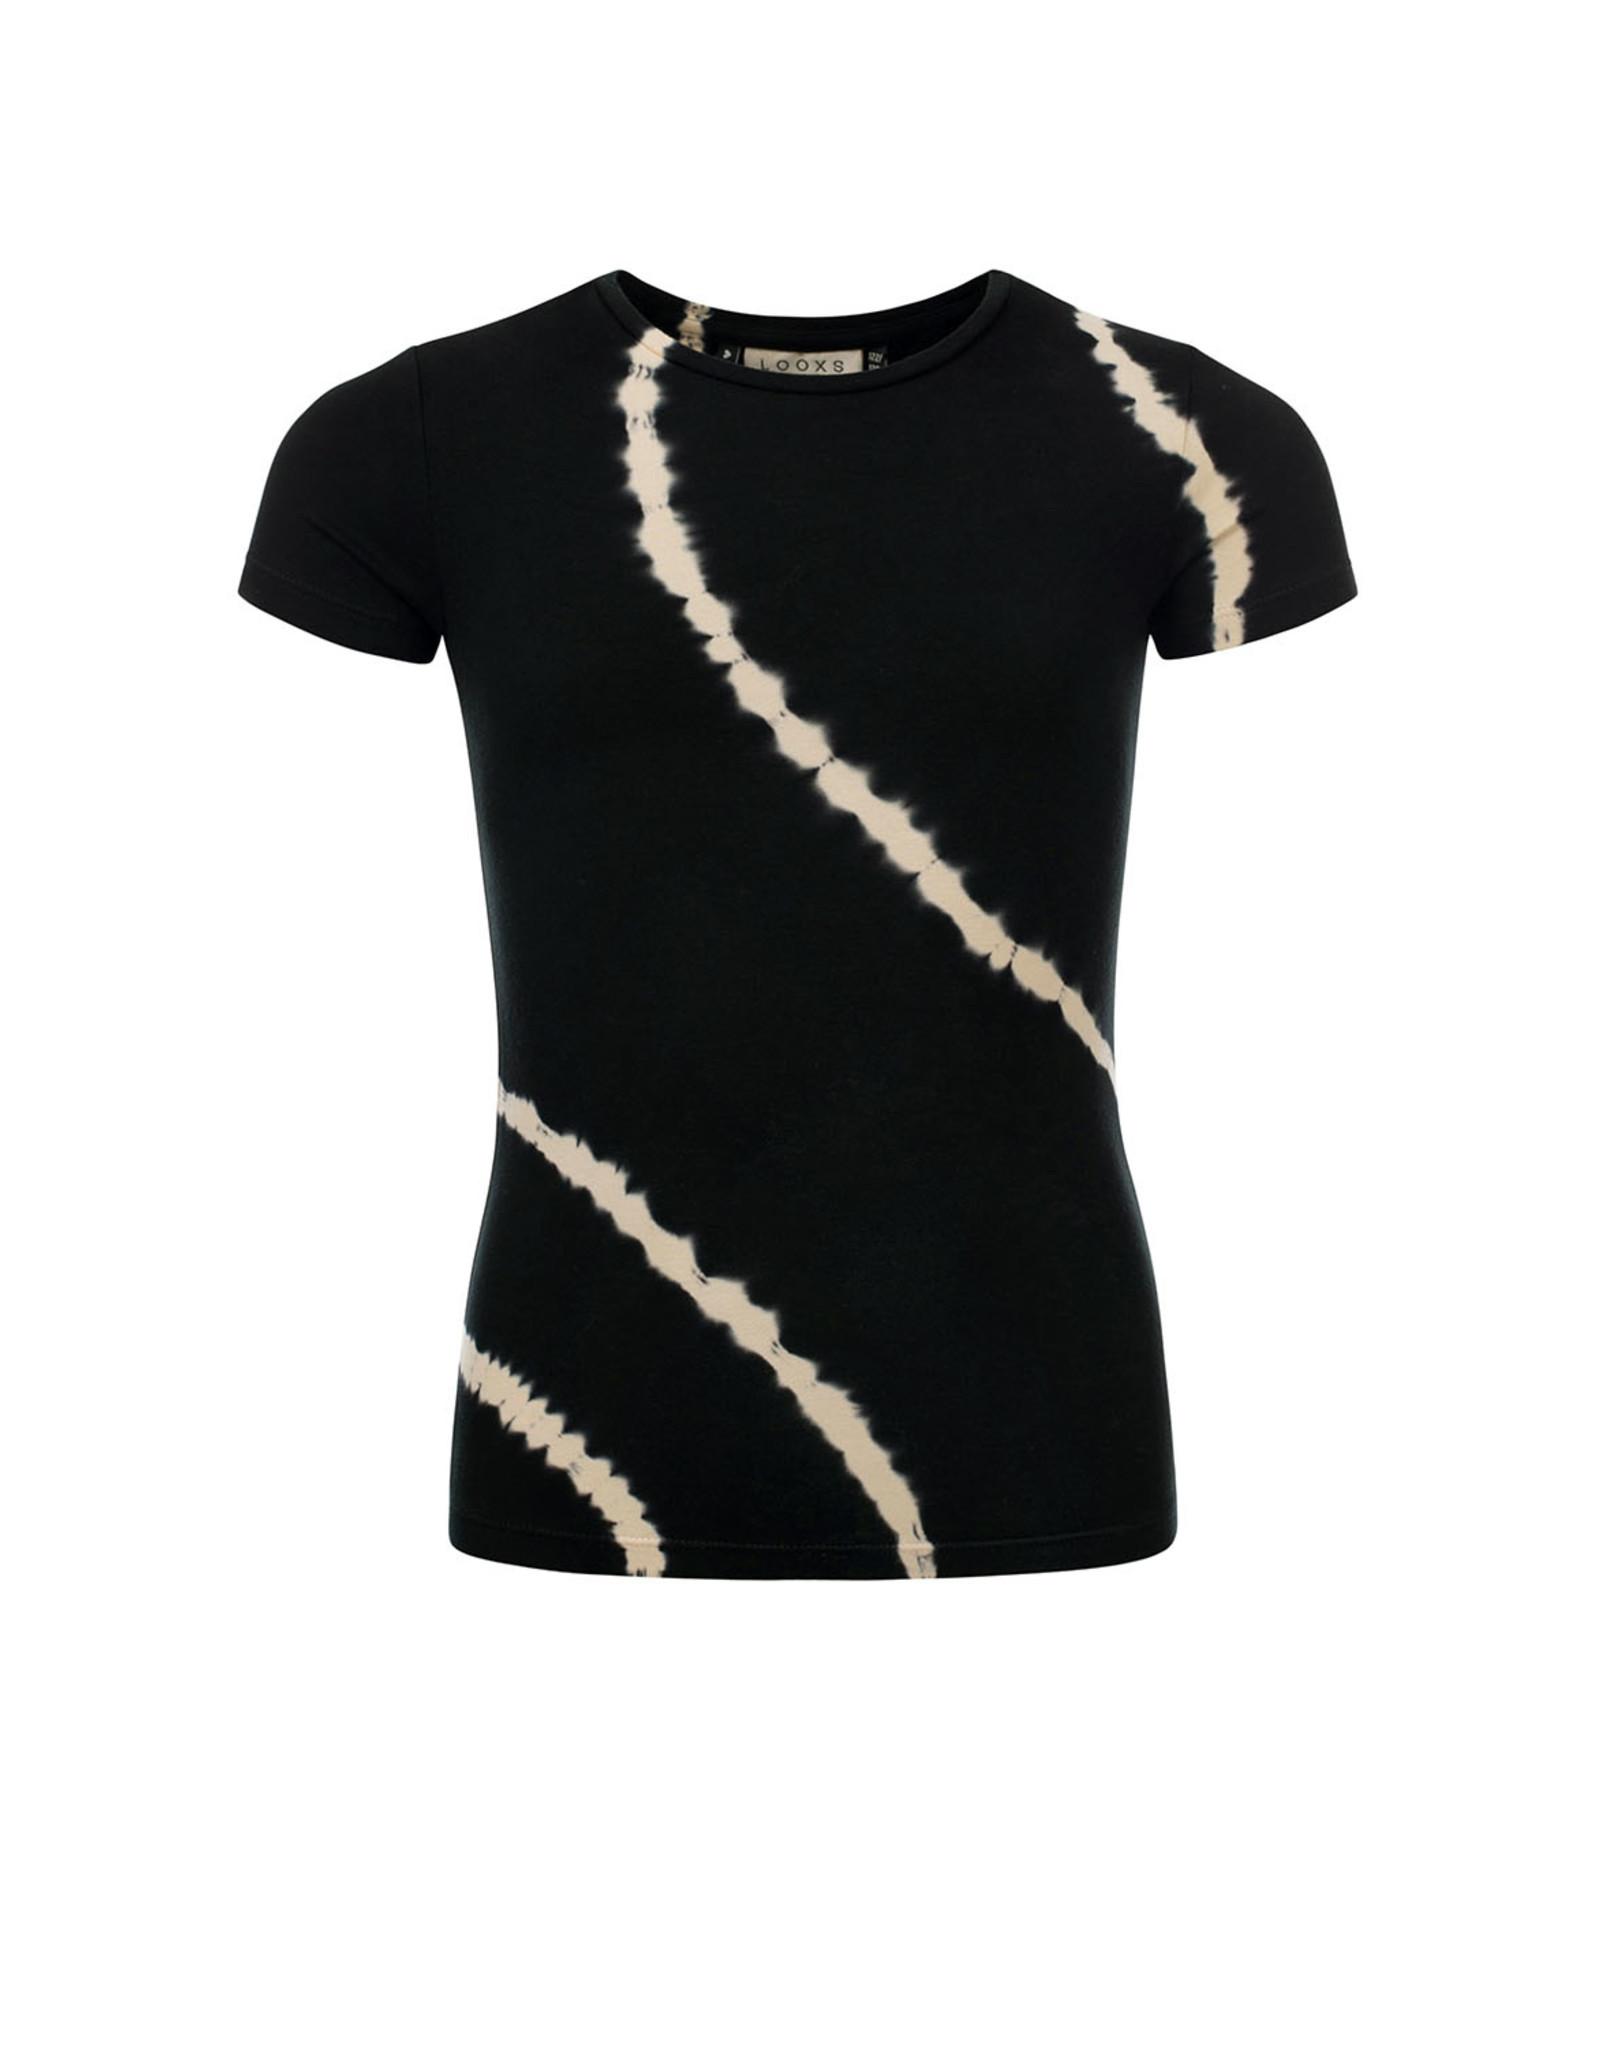 Looxs 10Sixteen T-shirt bleach stripe raven